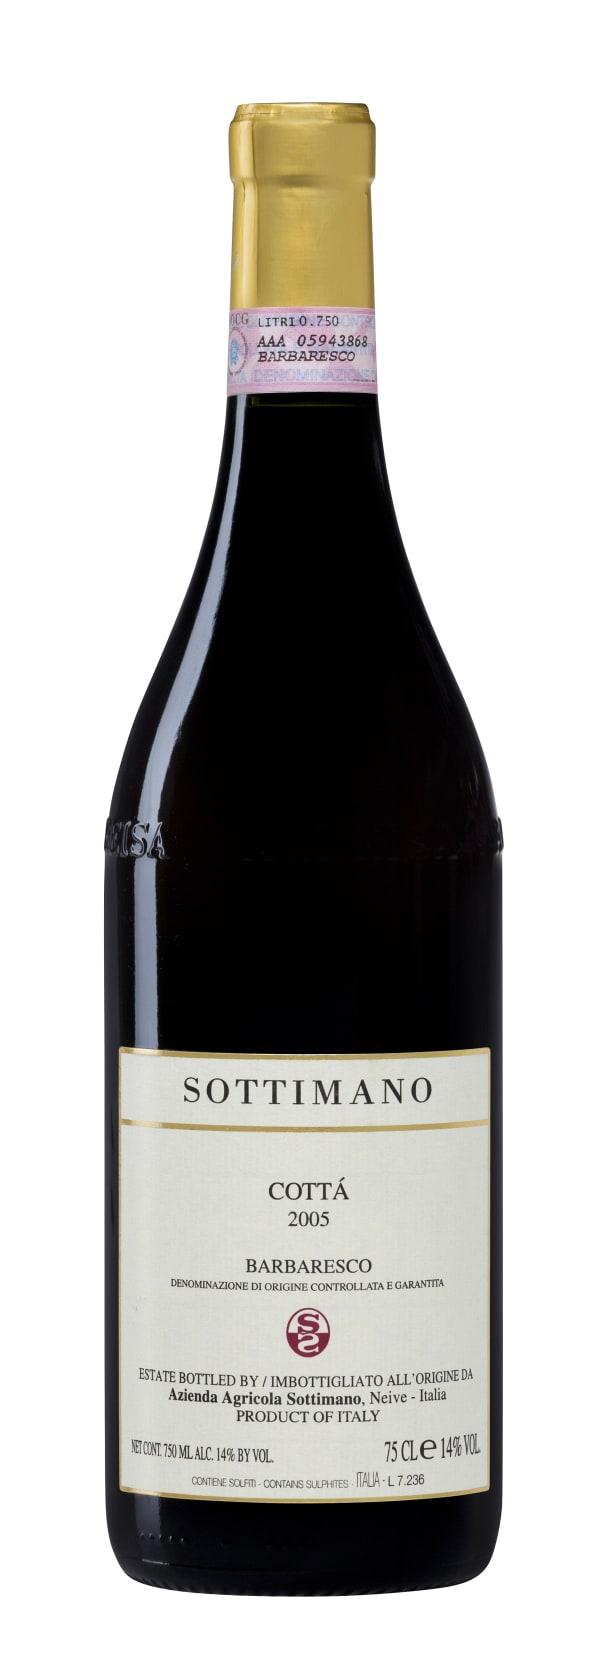 Sottimano Cotta Barbaresco 2012